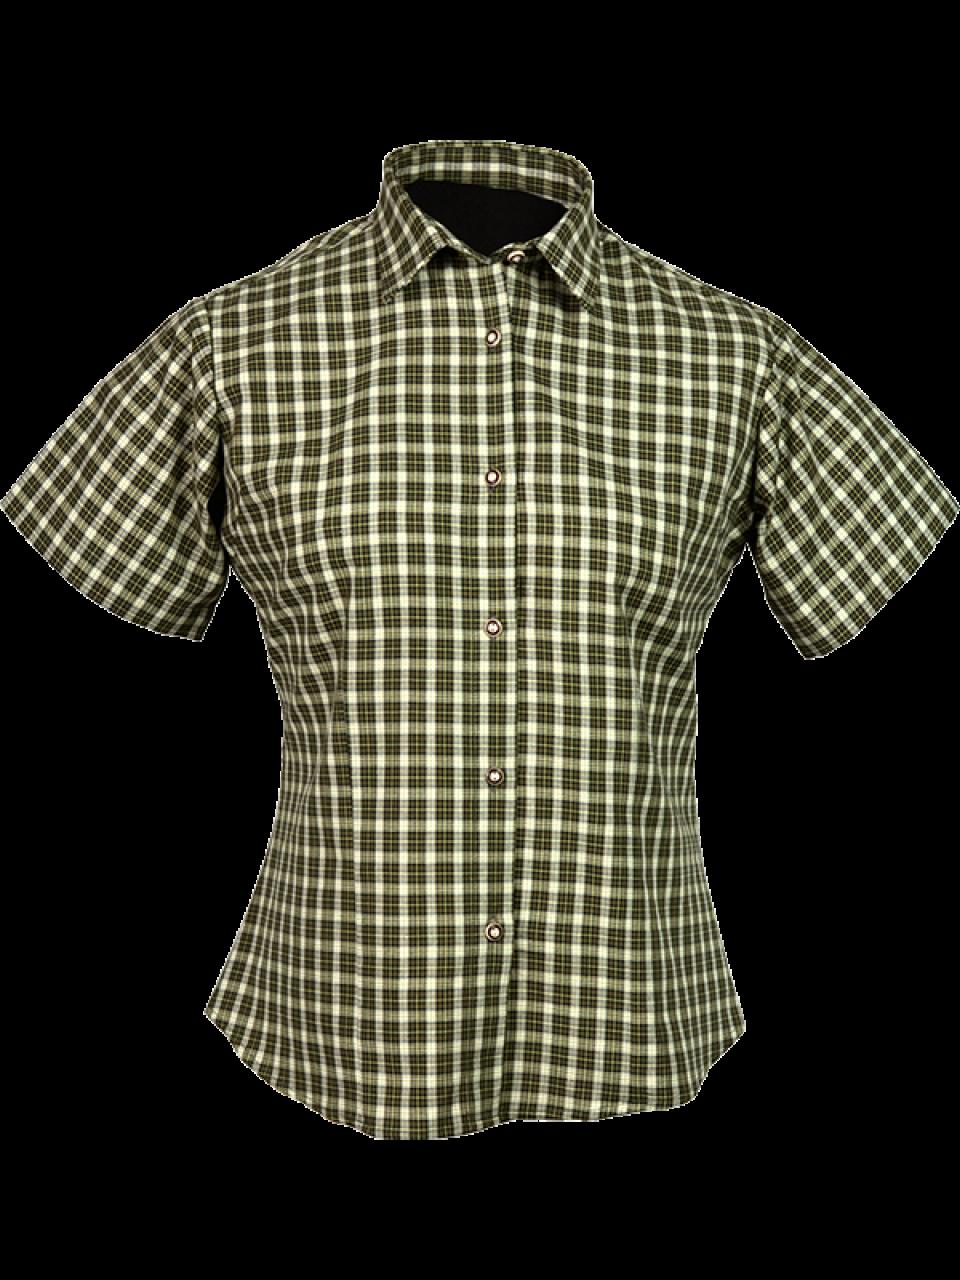 Outdoorové oblečenie dámska košeľa Norila krátky rukáv